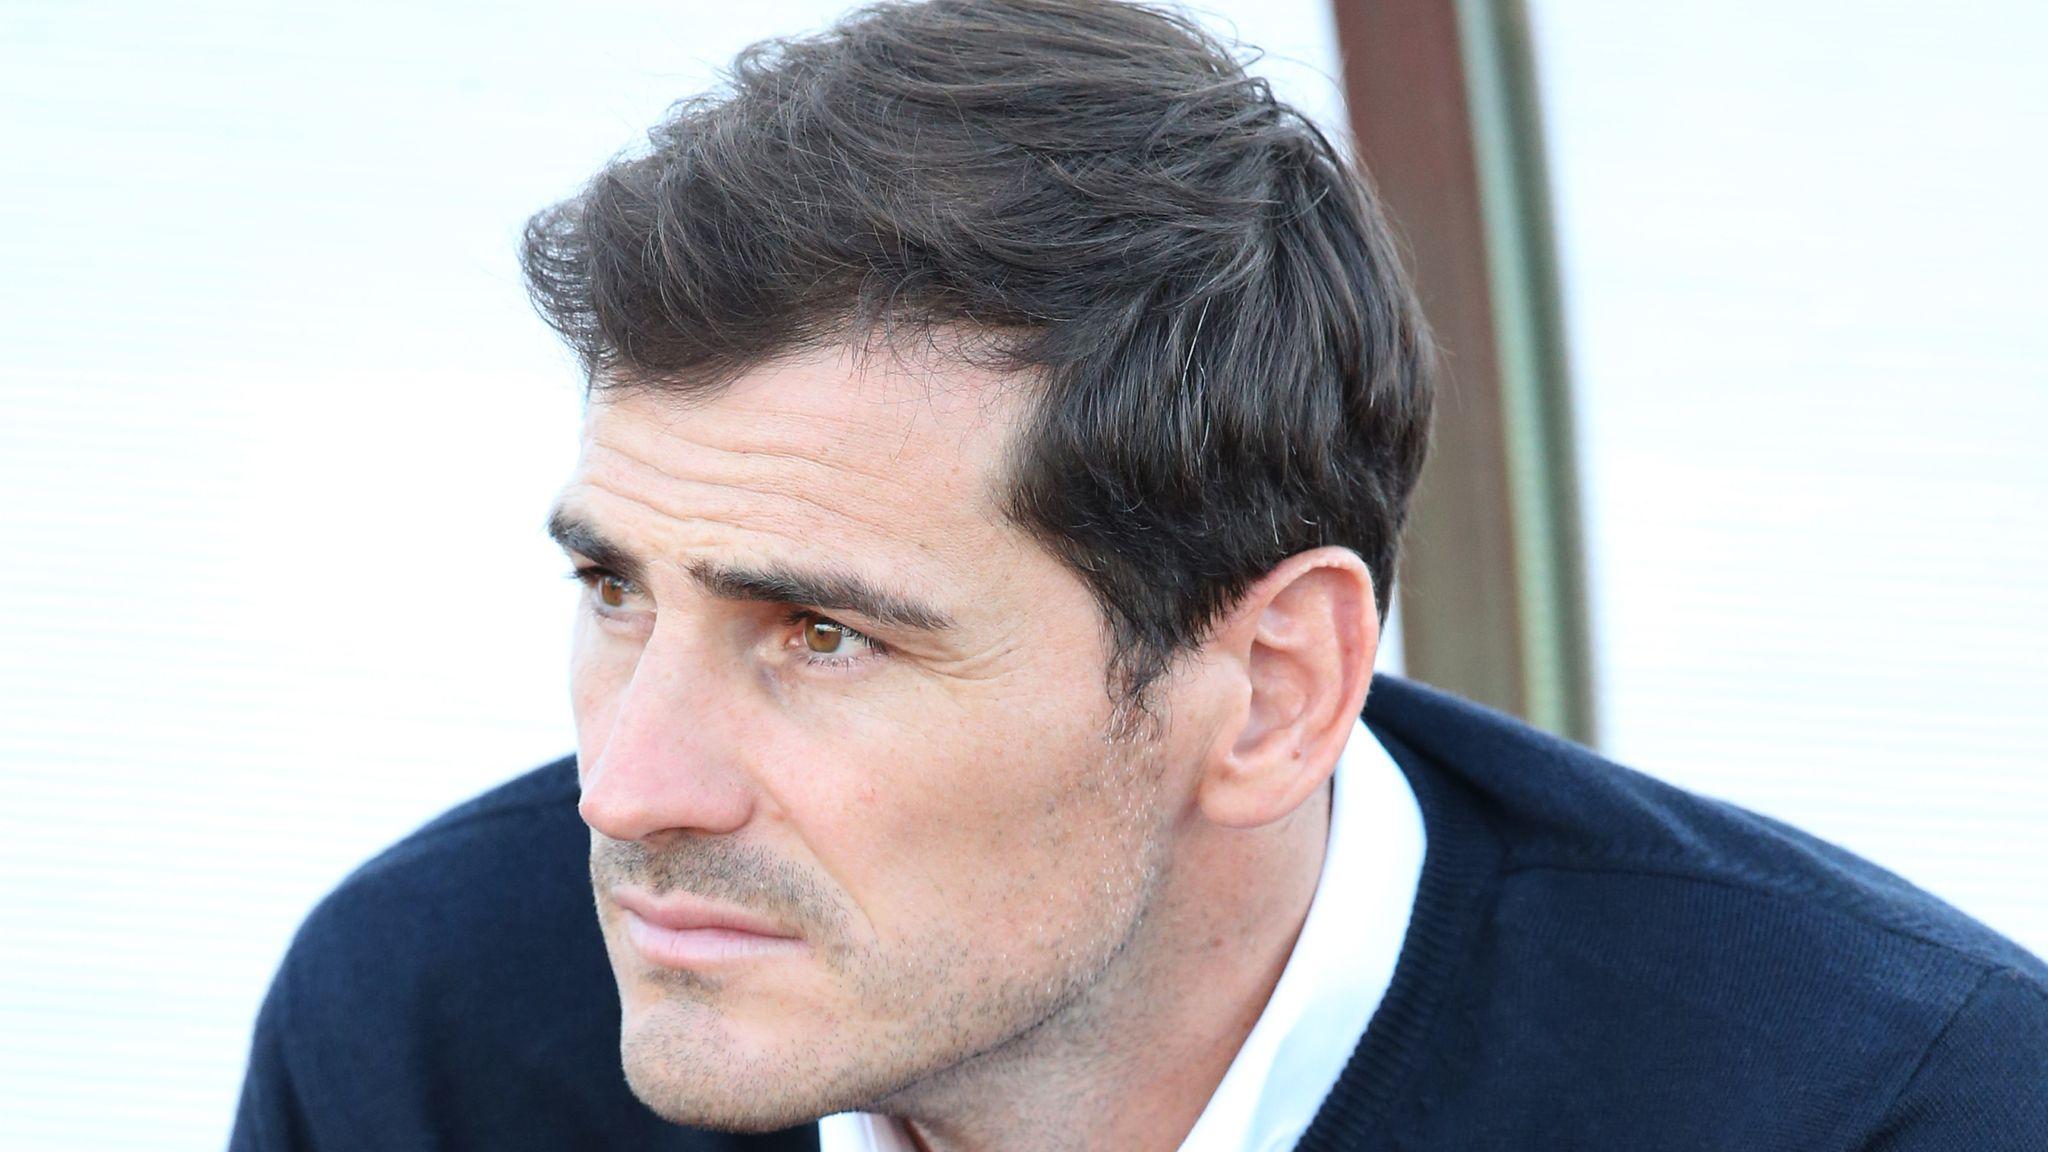 Os vícios de Iker Casillas: Mulheres e álcool